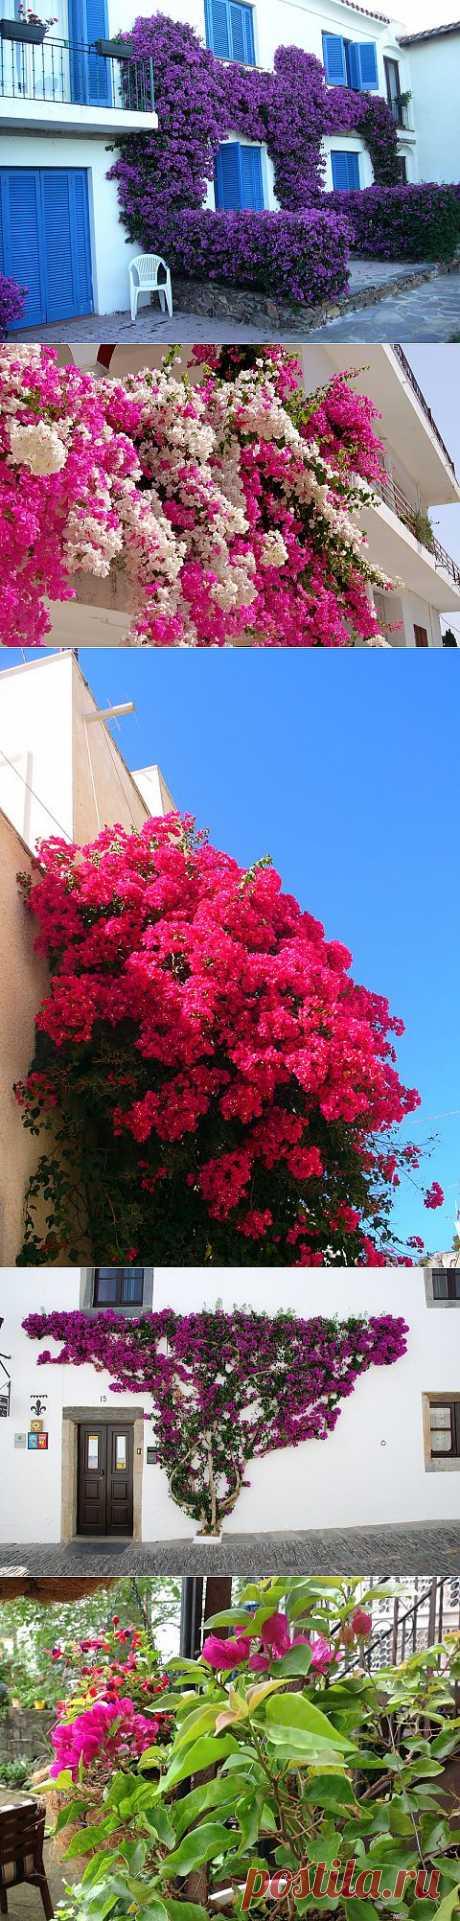 Сказочная красота цветущей лианы - бугенвиллии | Наш уютный дом